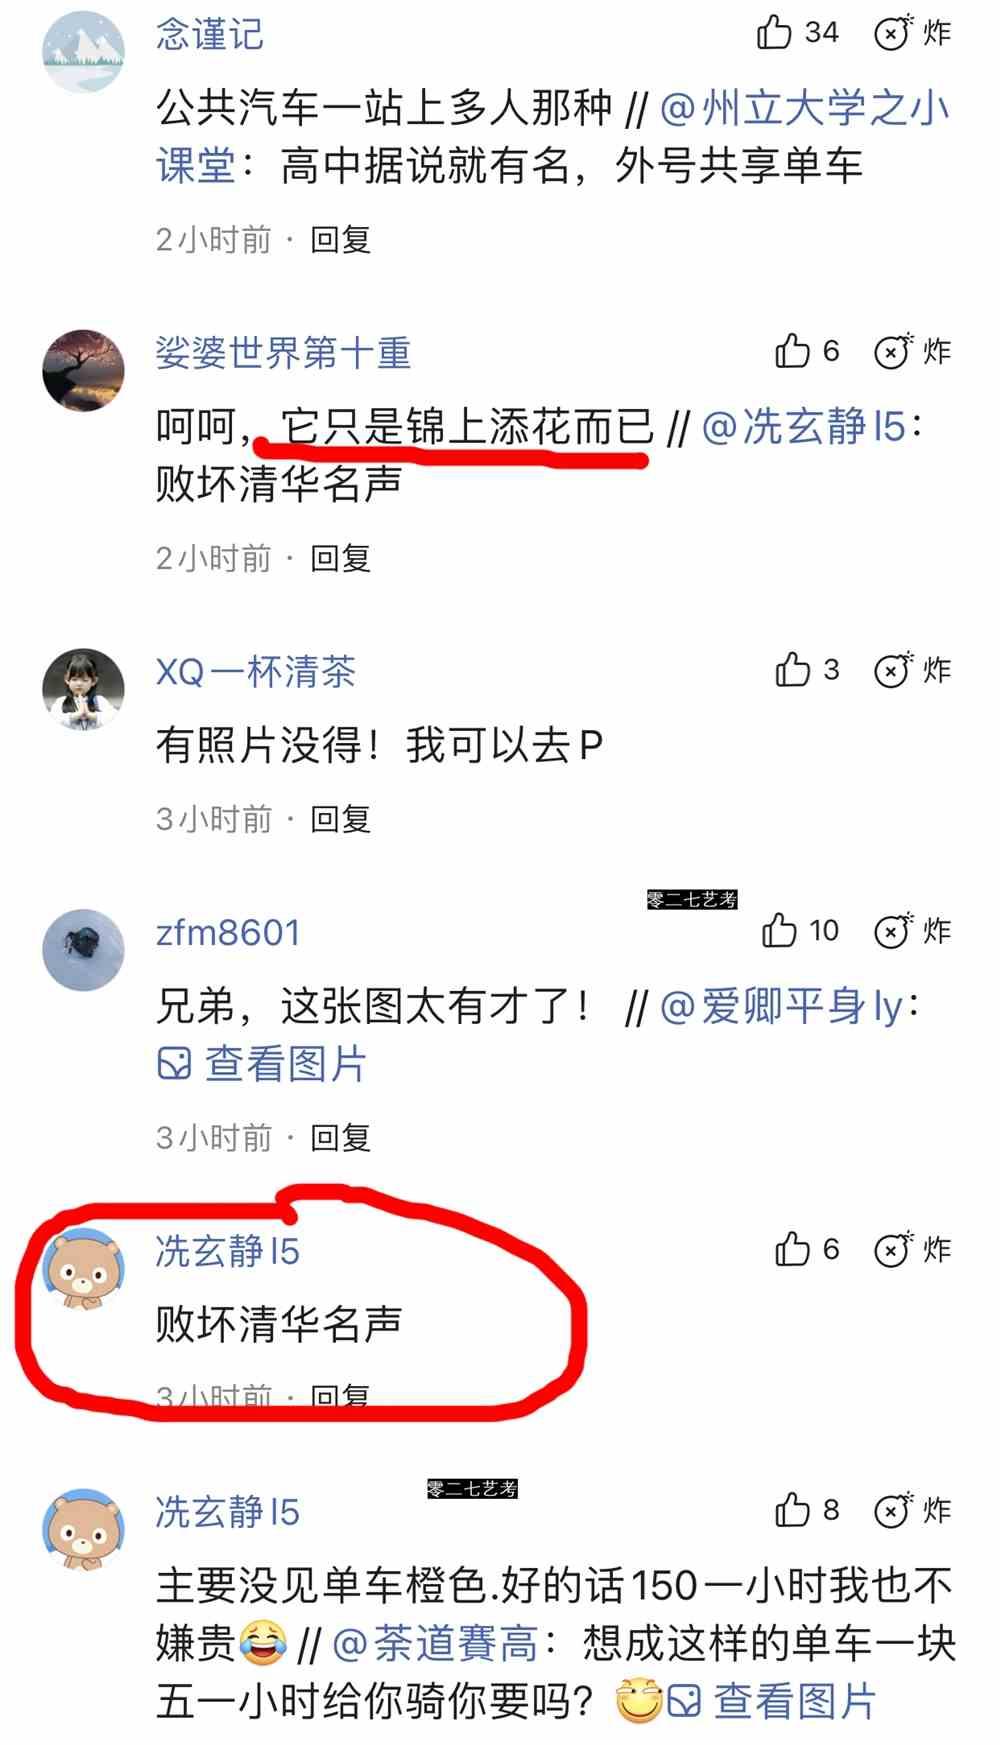 寰俊鍥剧墖_20201122125927.png